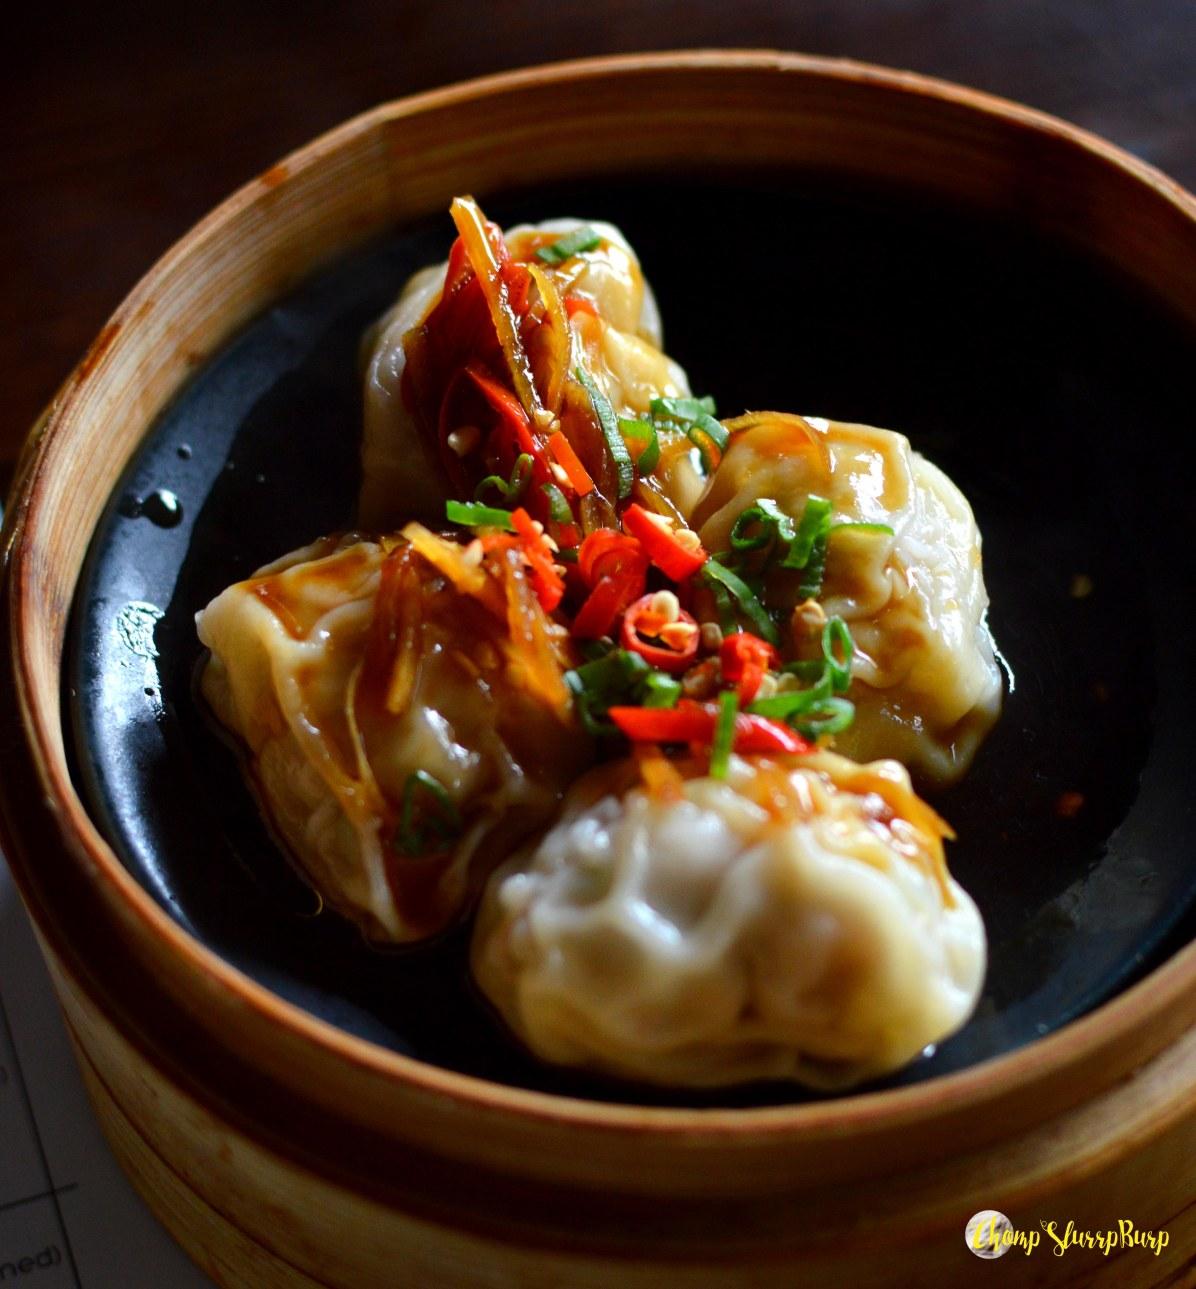 Chicken black pepper dumpling